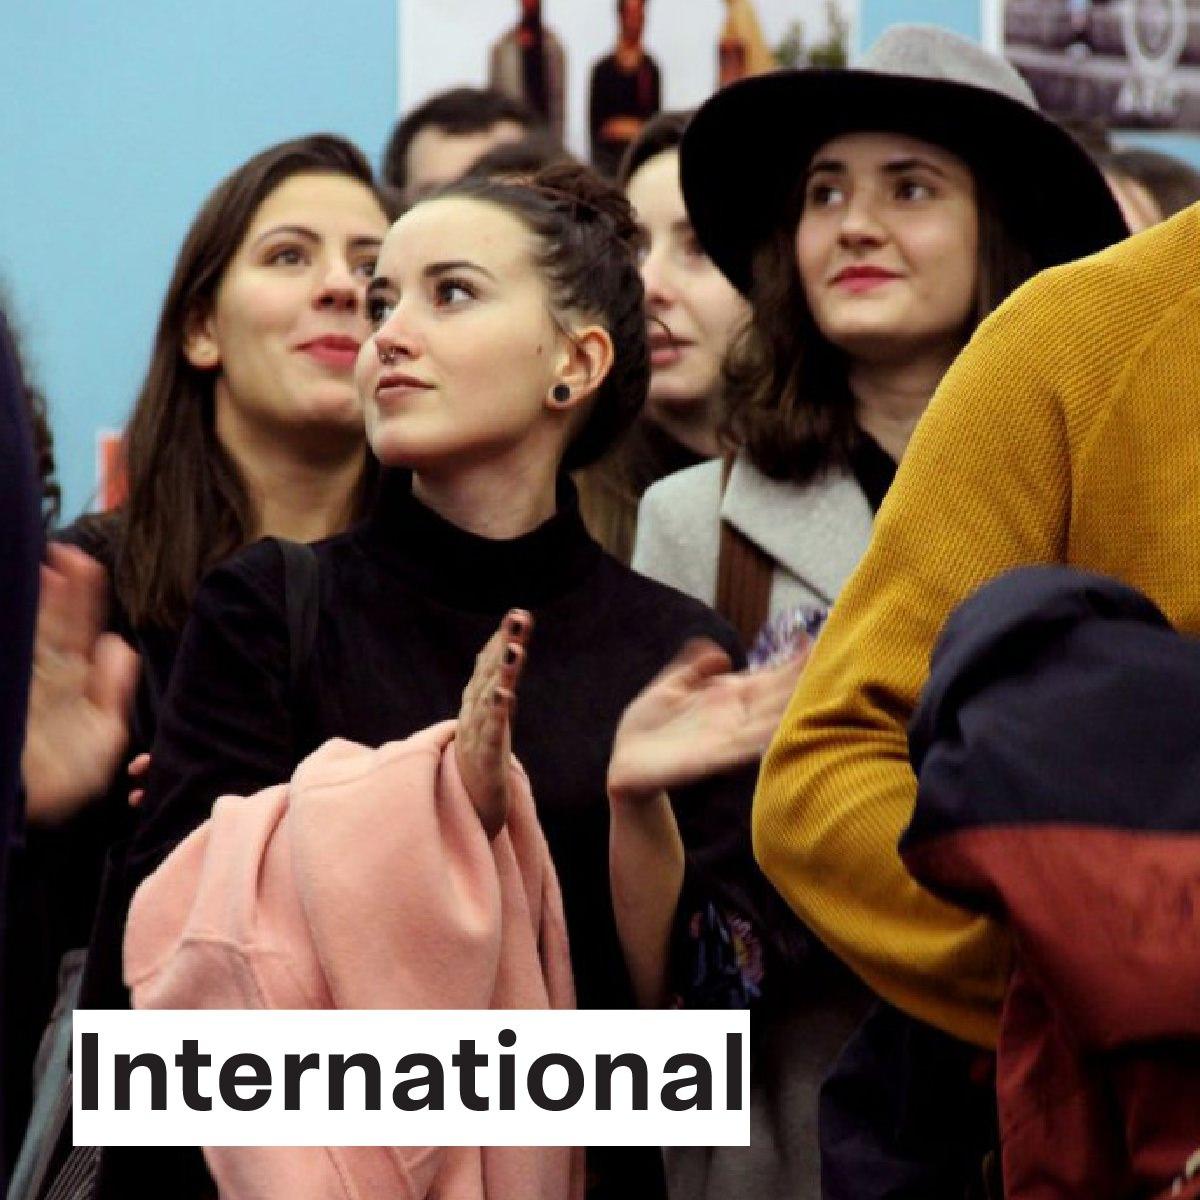 Bellecour - International